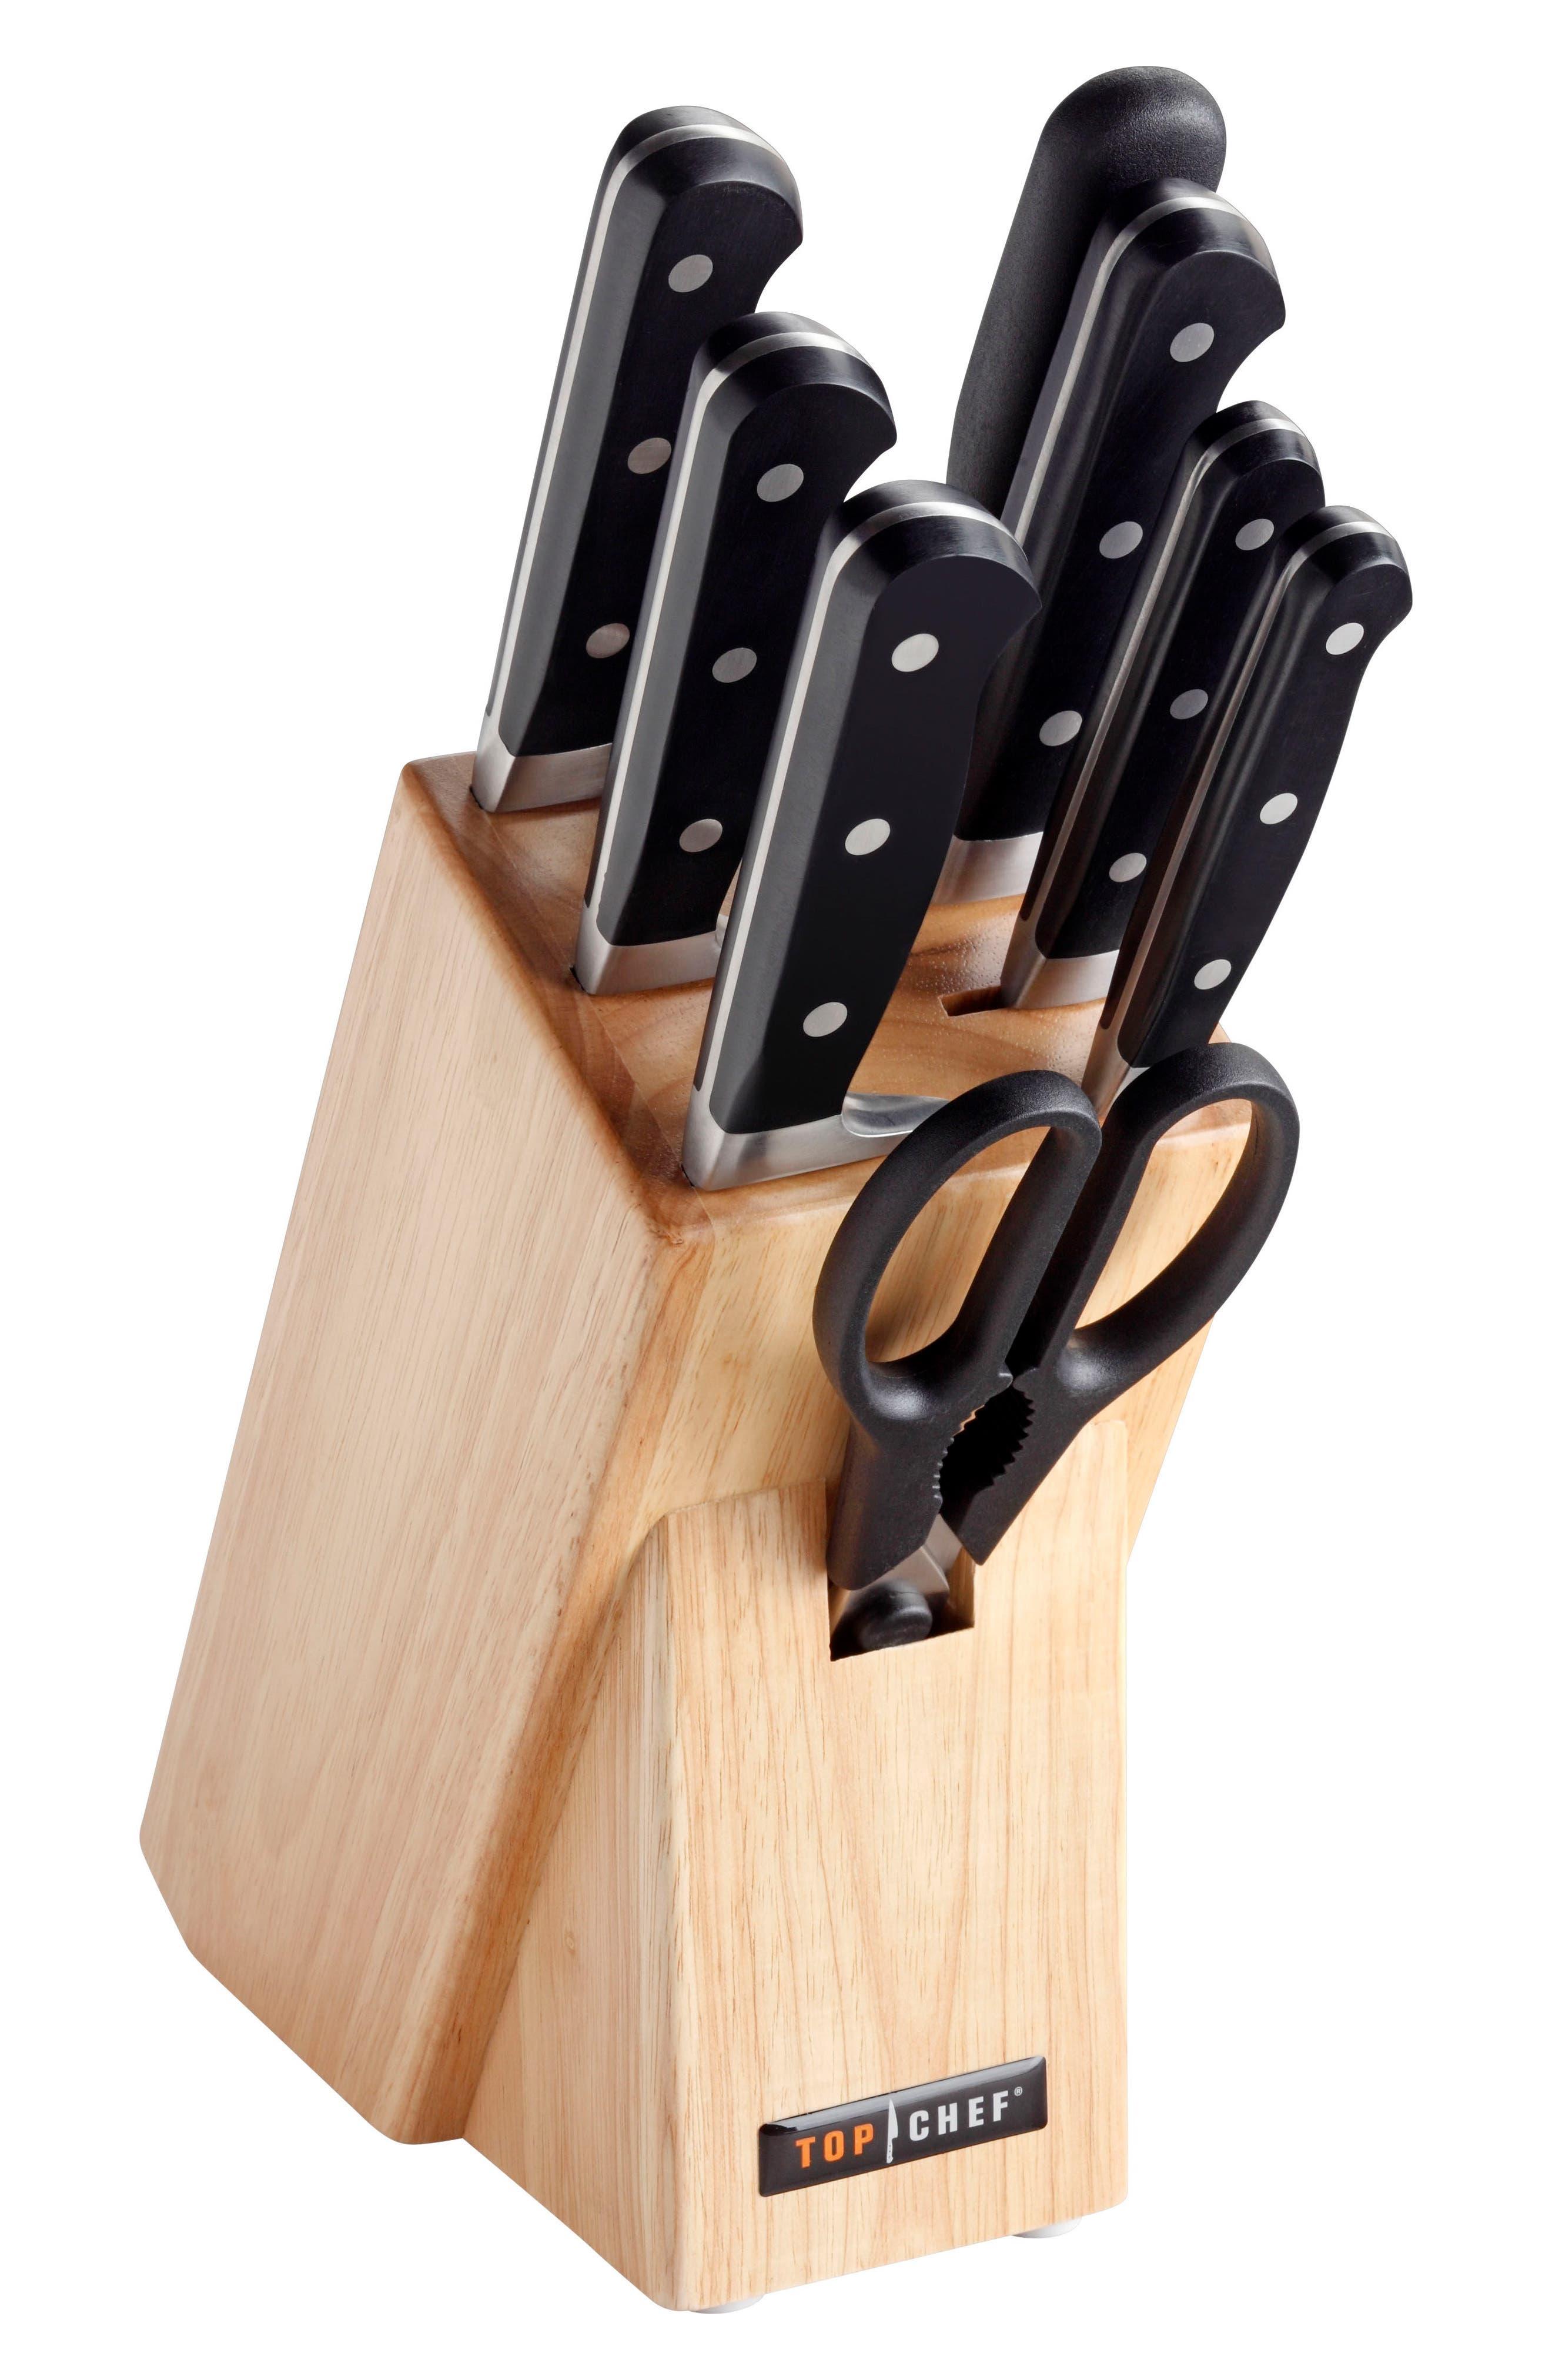 TOP CHEF Premier 9-Piece Knife Block Set